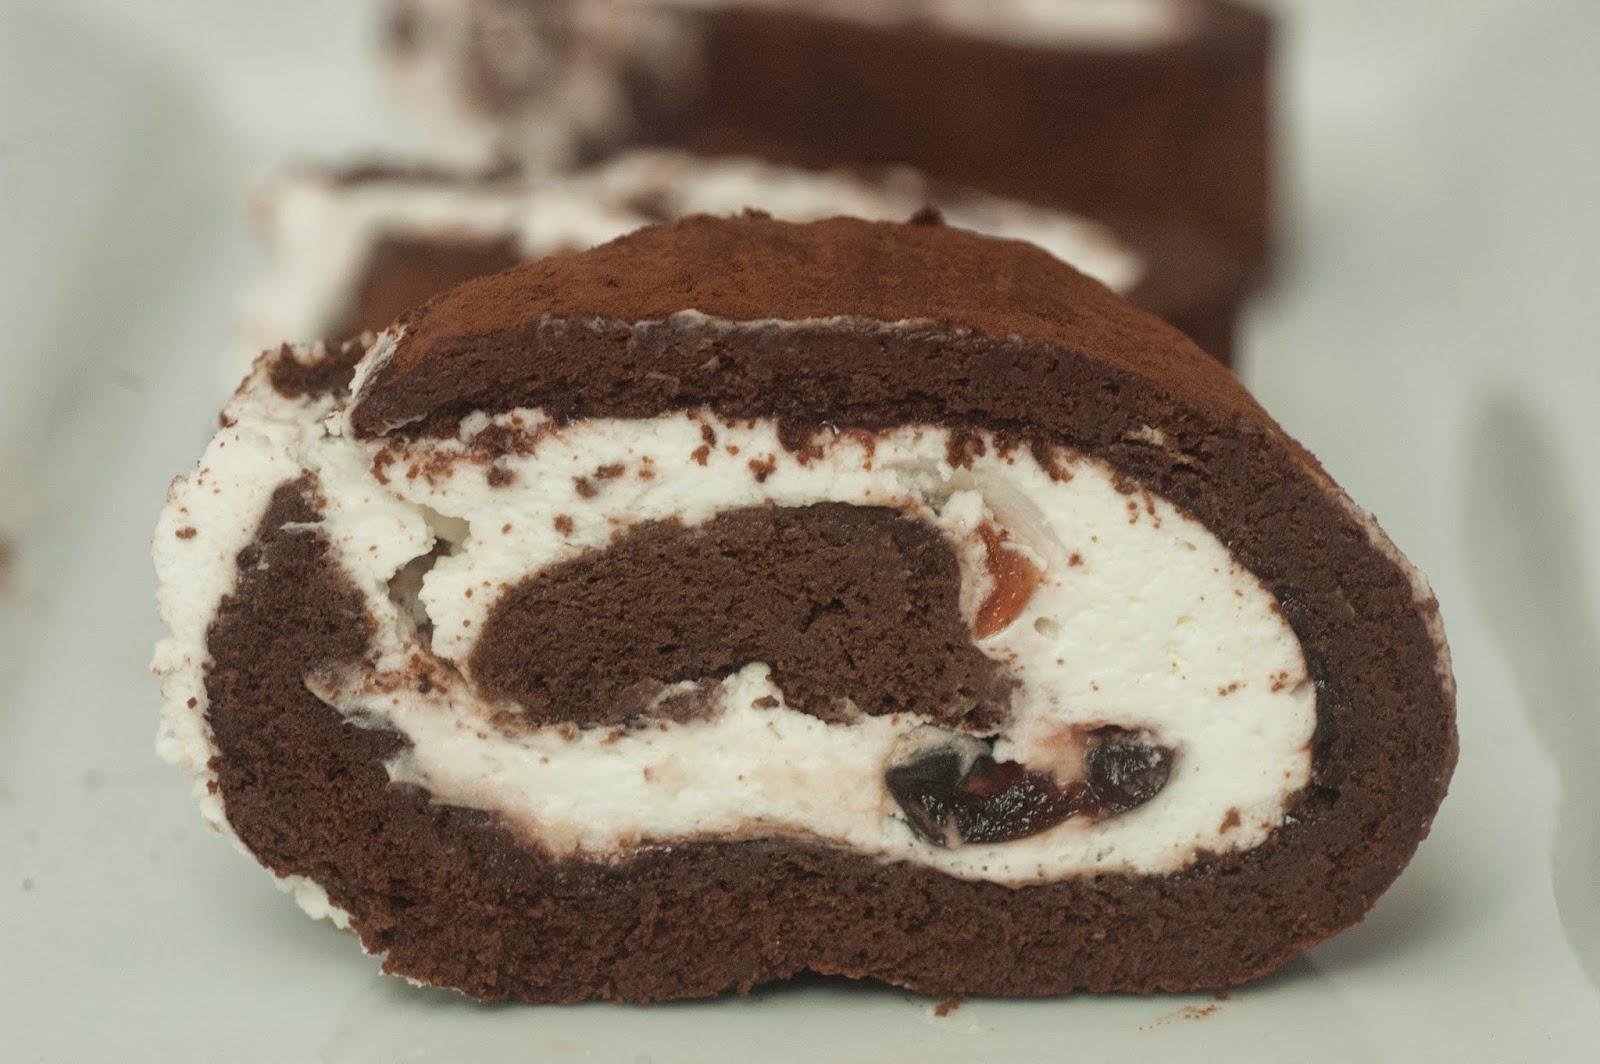 רולדת שוקולד במילוי קצפת ודובדבני אמרנה